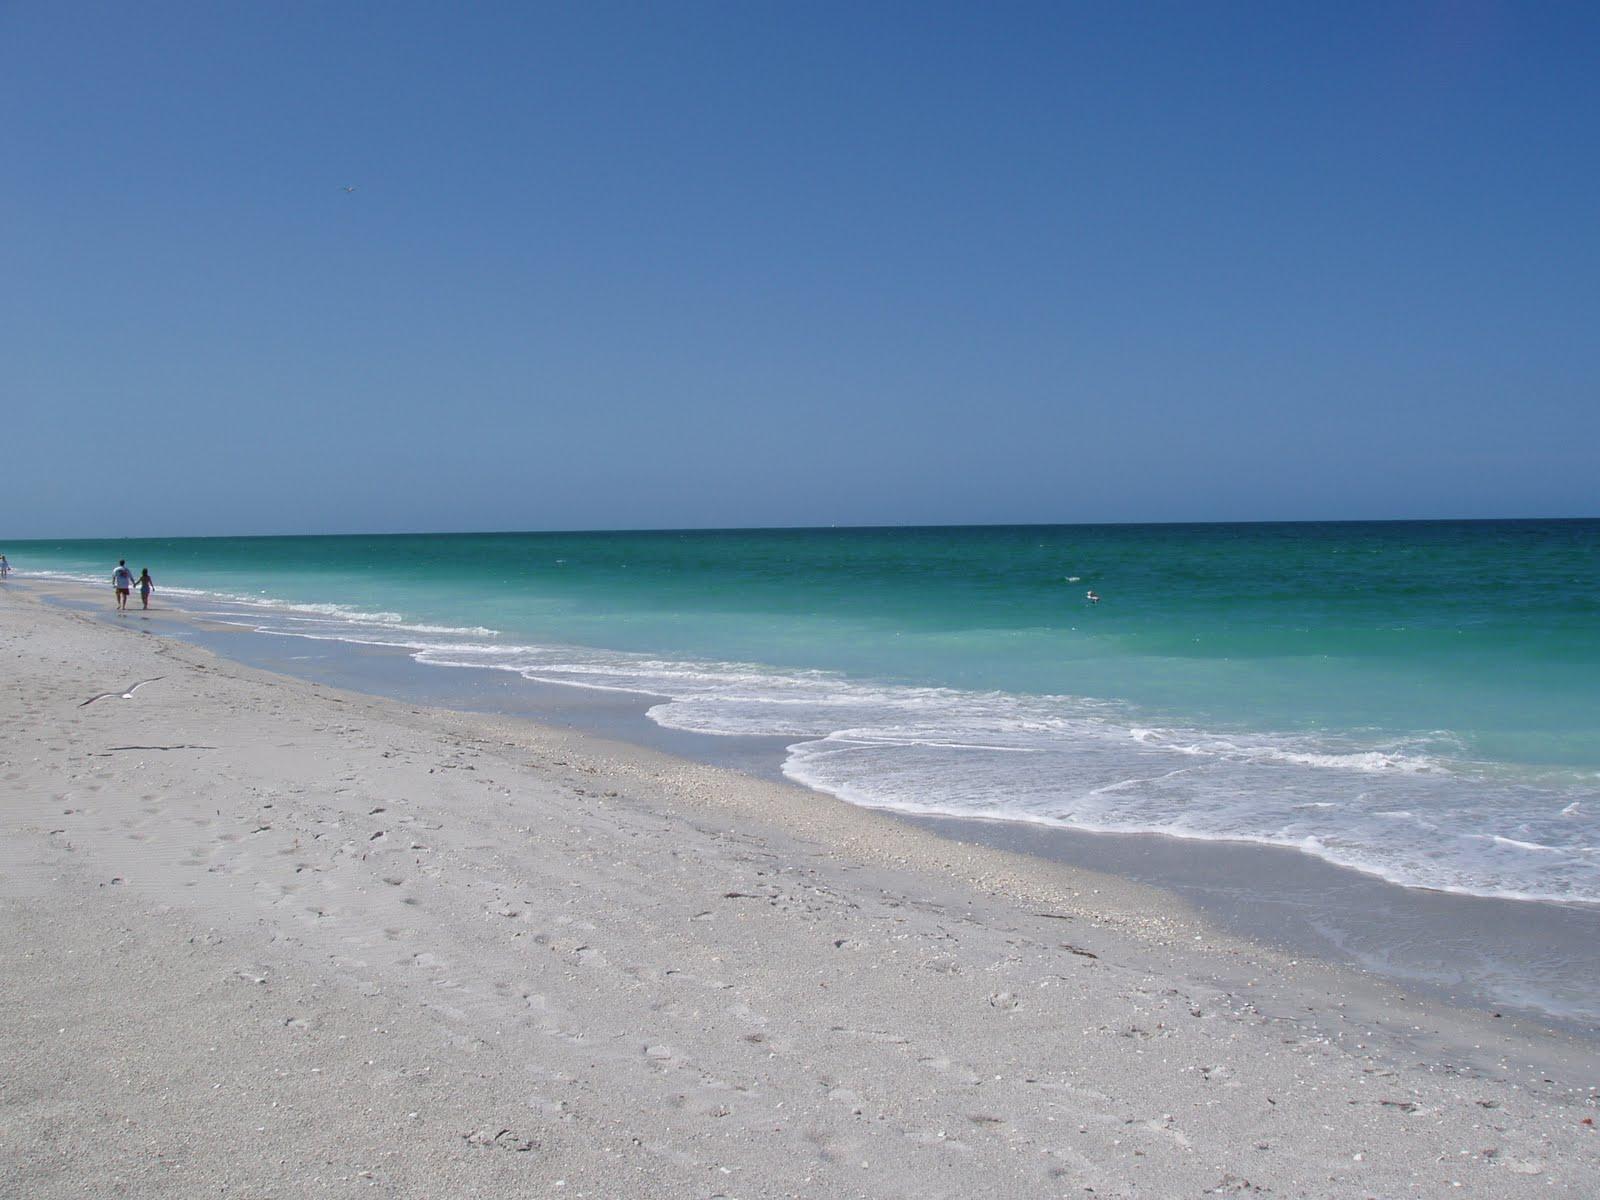 http://3.bp.blogspot.com/_c-UnUZfaEnU/THPp6hBvLAI/AAAAAAAAAAc/8ySSf2aFqvw/s1600/beach004.JPG